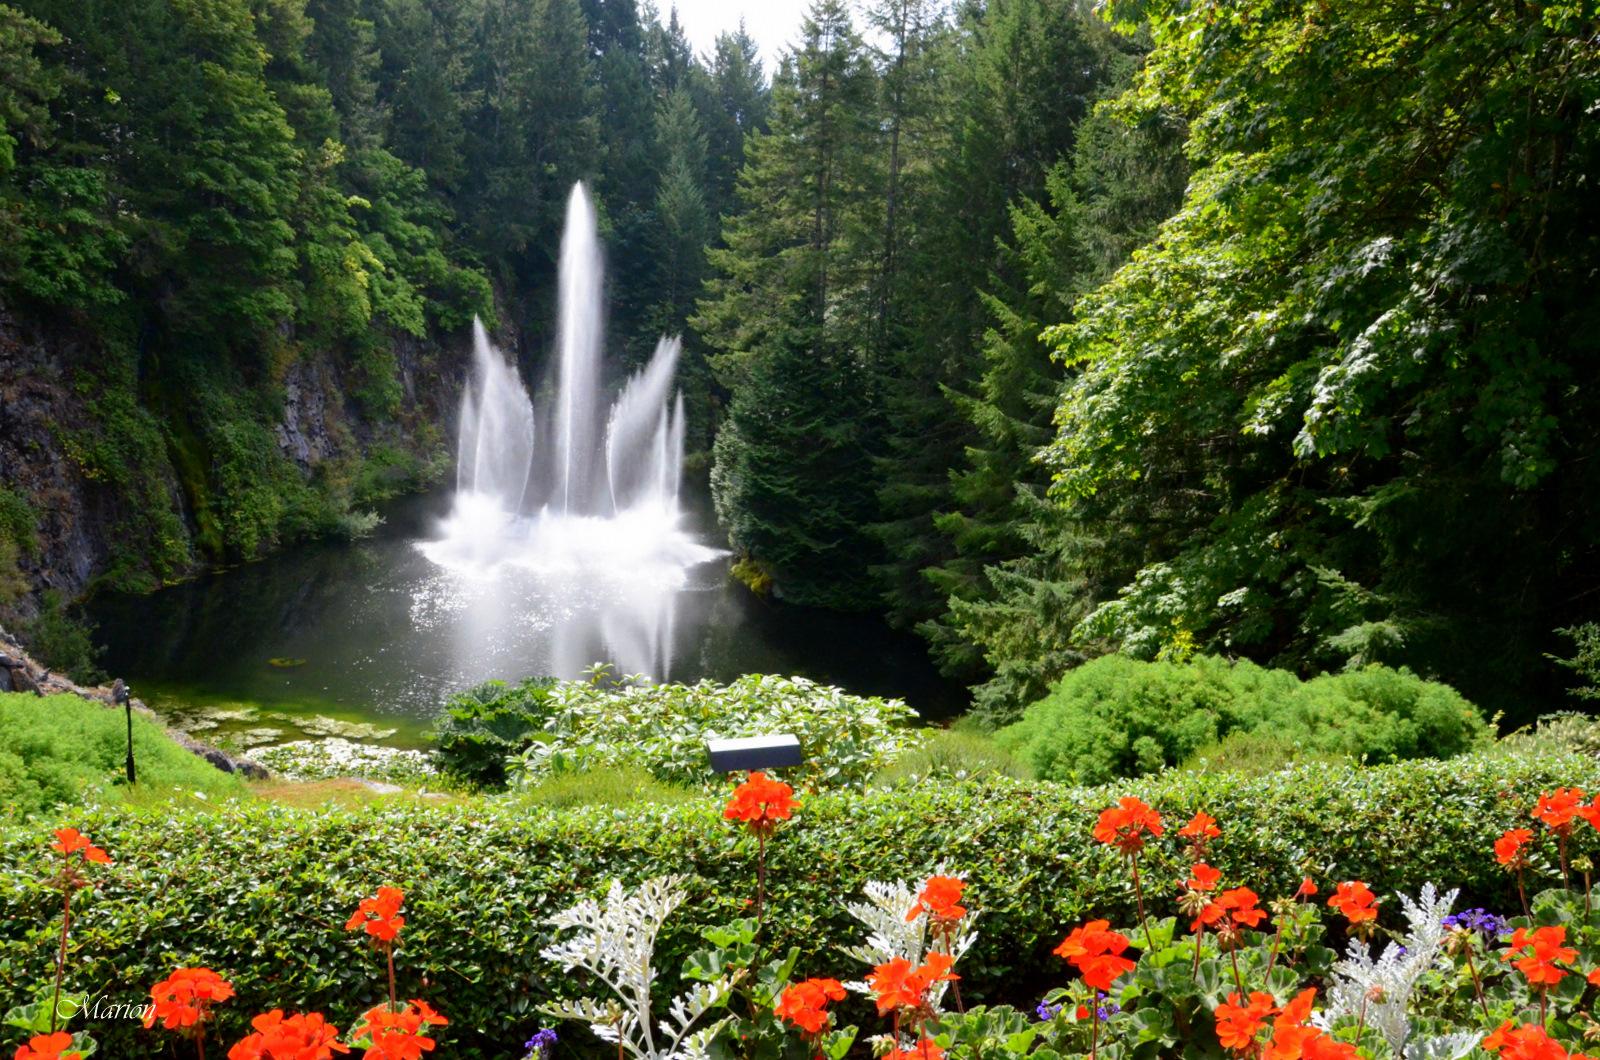 Bell simas imagenes del jardin butchart en canad for Fotos de jardines